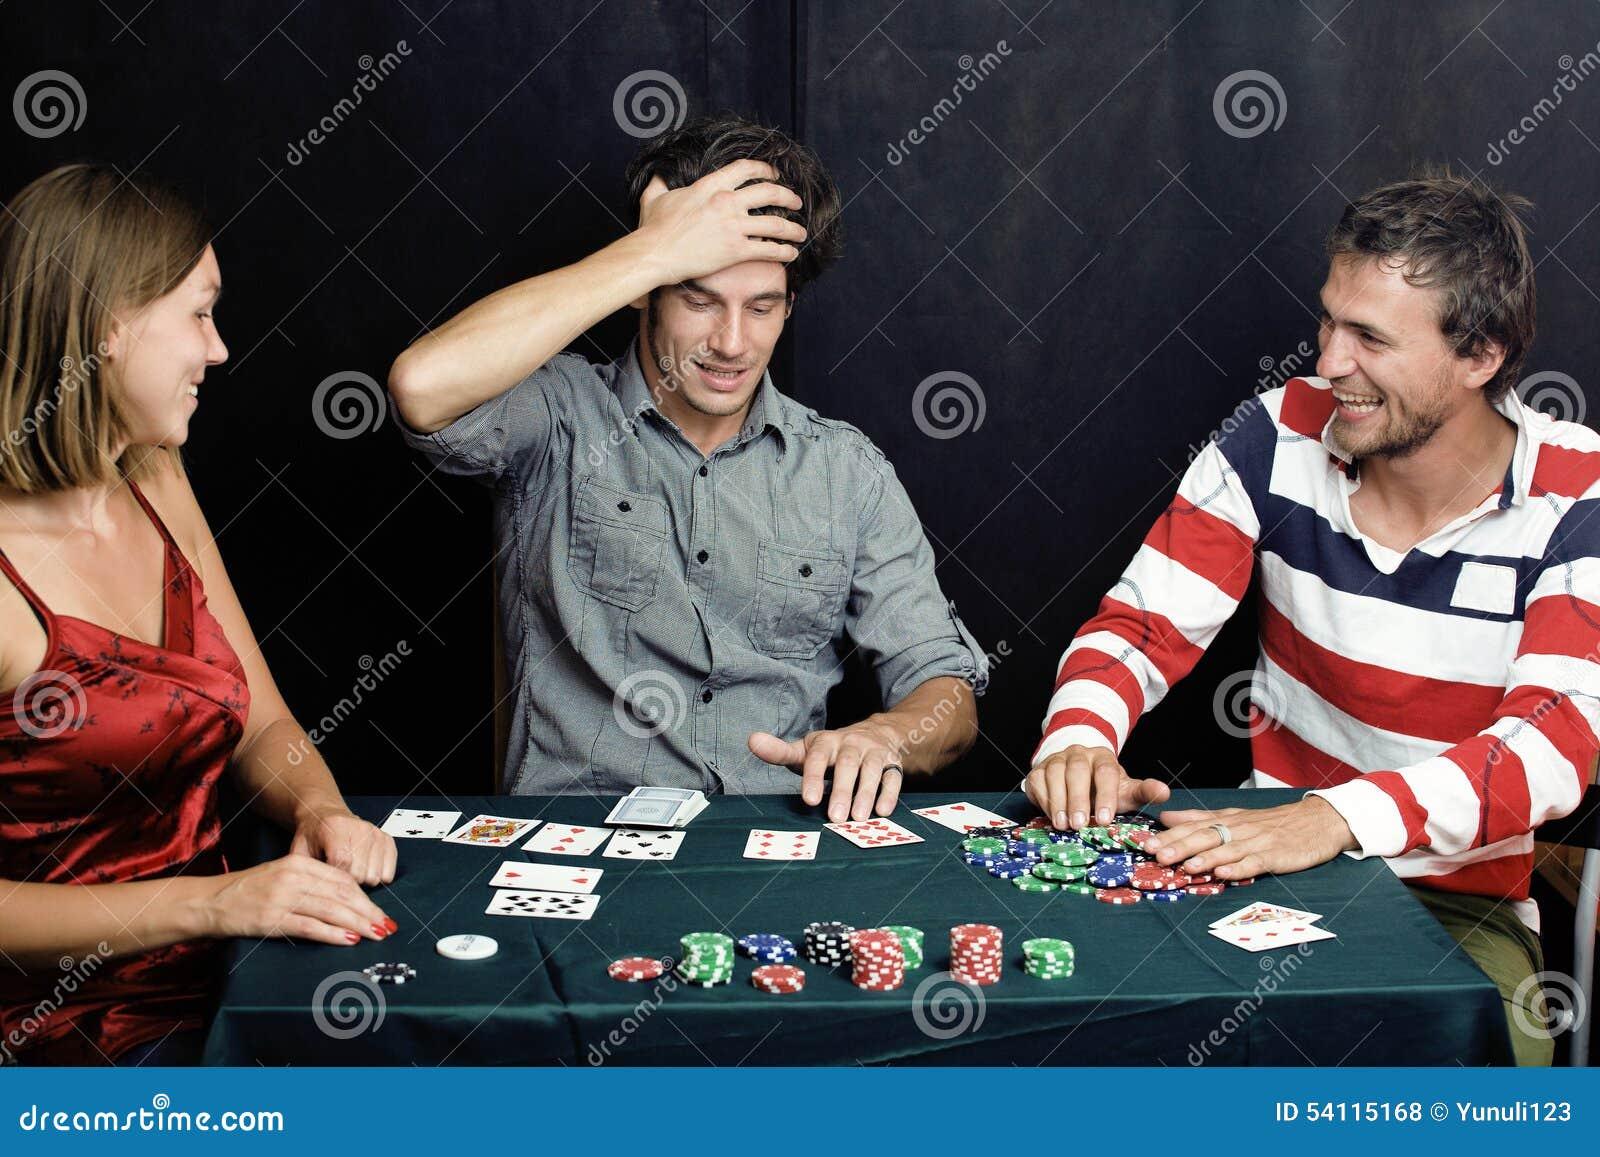 Смотреть порно я проиграл жену в покер75